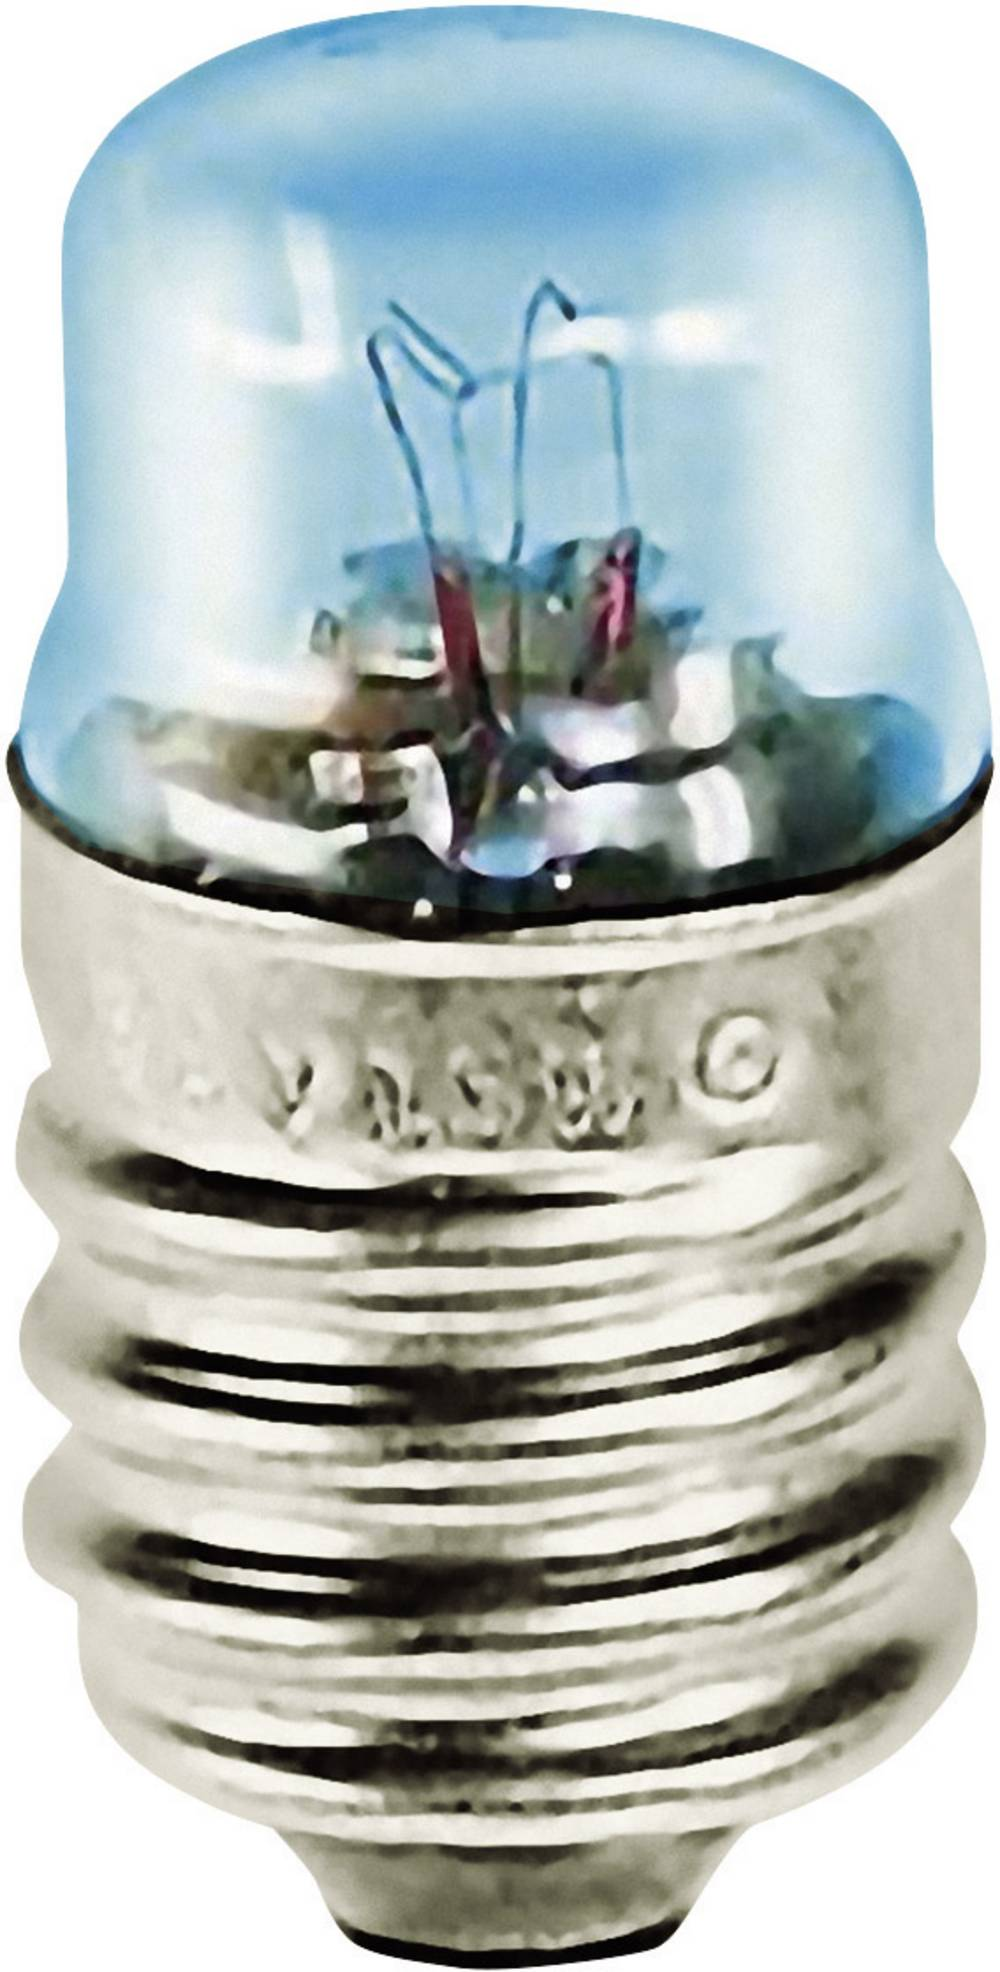 Cevasta žarnica 30 V 3 W 0.1 A podnožje=E14 prozorna Barthelme vsebina: 1 kos